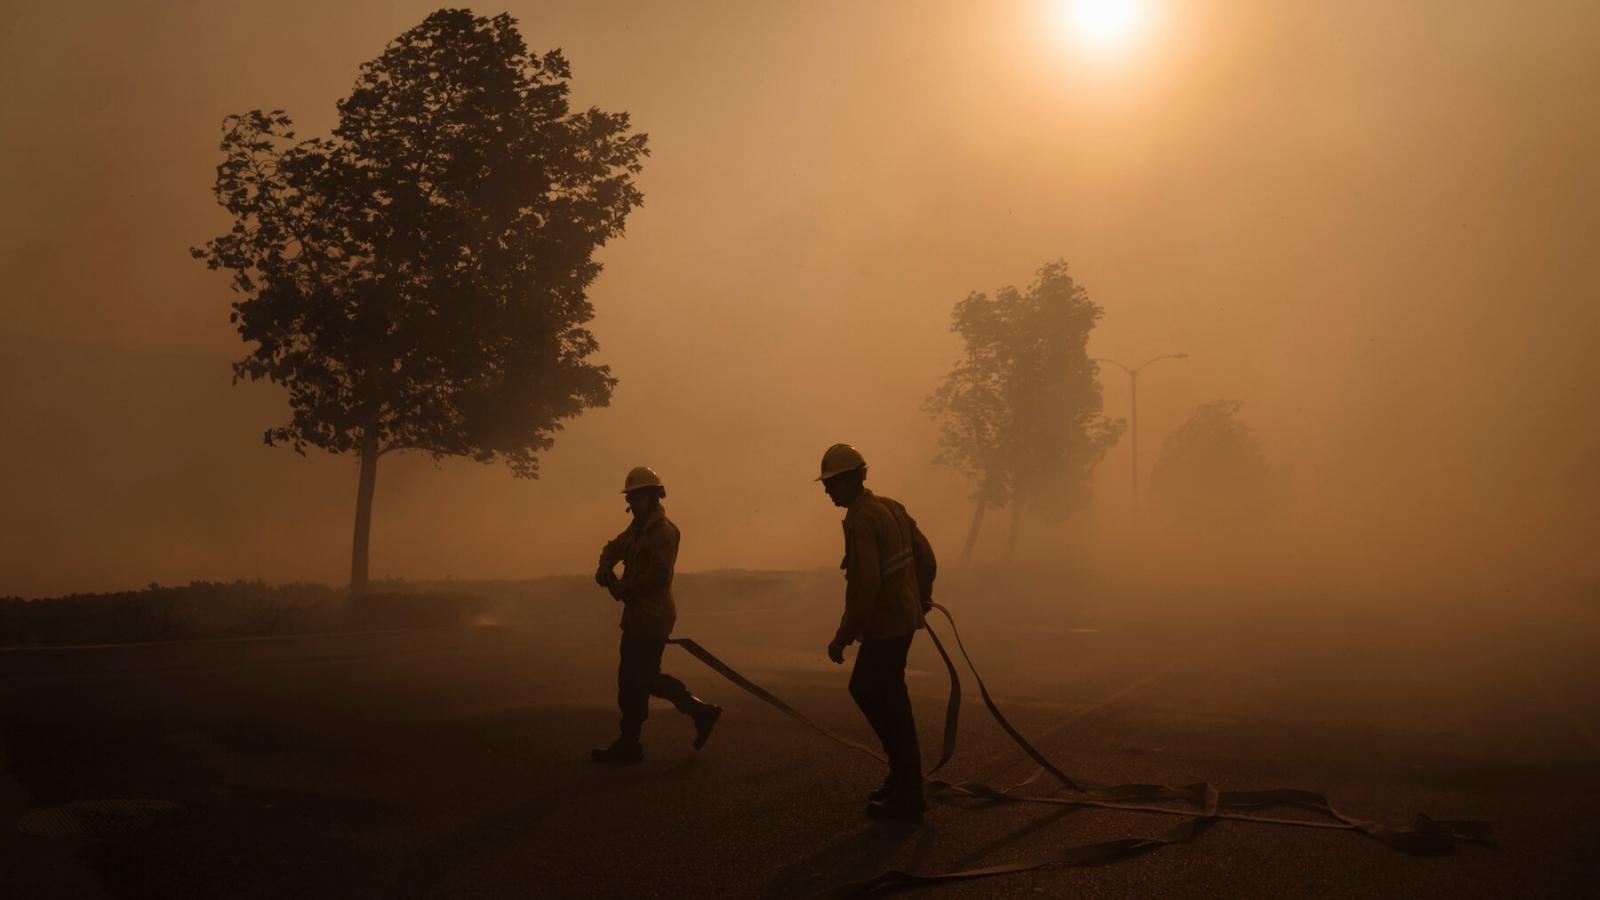 Cháy rừng dữ dội ở California (Mỹ) khiến 100.000 dân phải sơ tán khẩn cấp